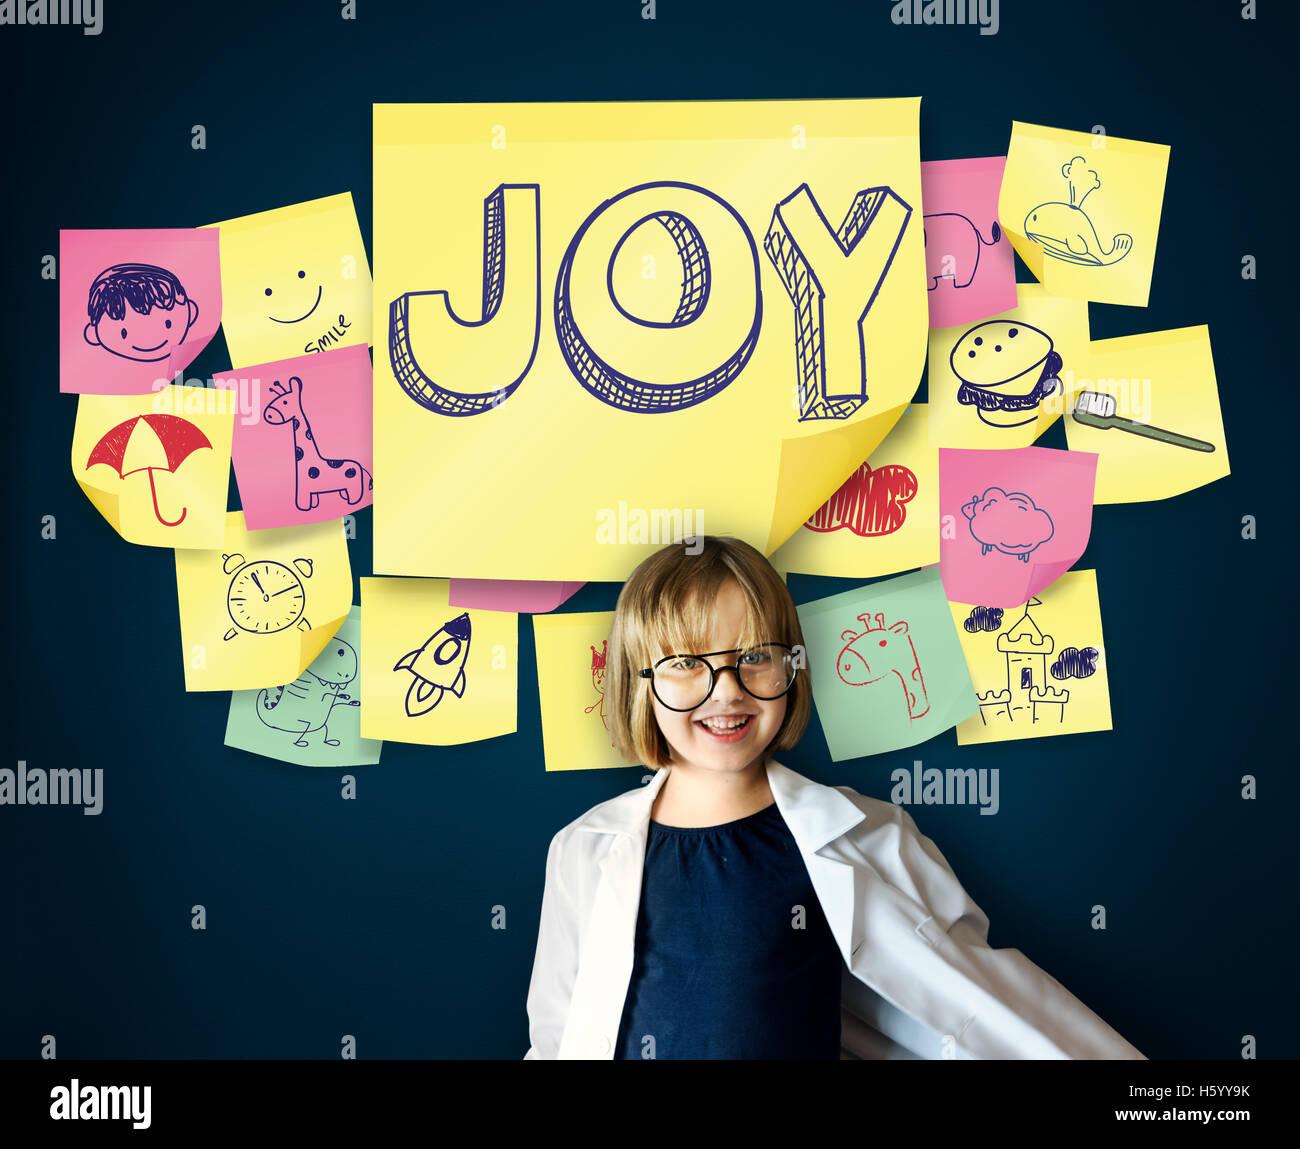 Le bonheur des enfants de la petite enfance plaisir ludique Concept Photo Stock